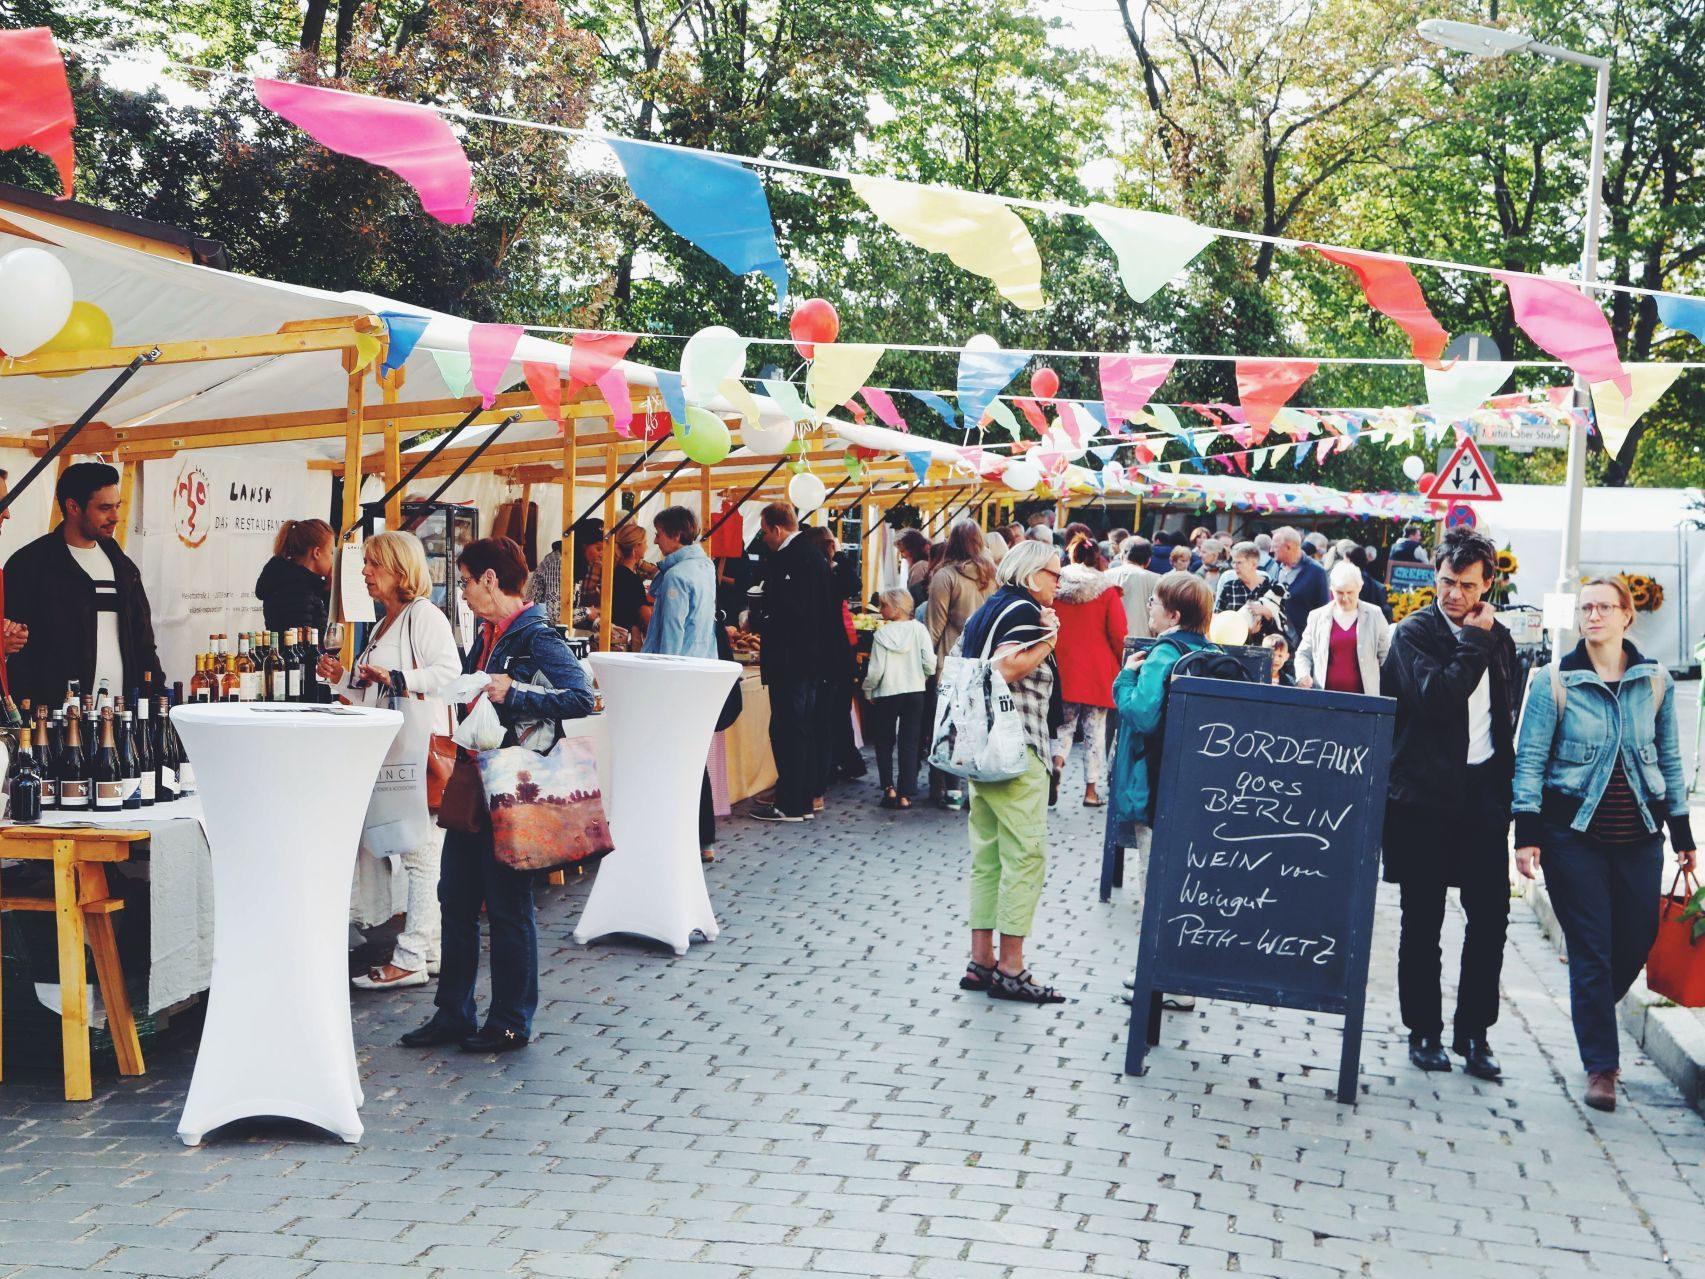 Bummeln, kosten, schwelgen - Wochenmärkte wie der neue in Zehlendorf bringen uns etwas Landleben in die Großstadt.